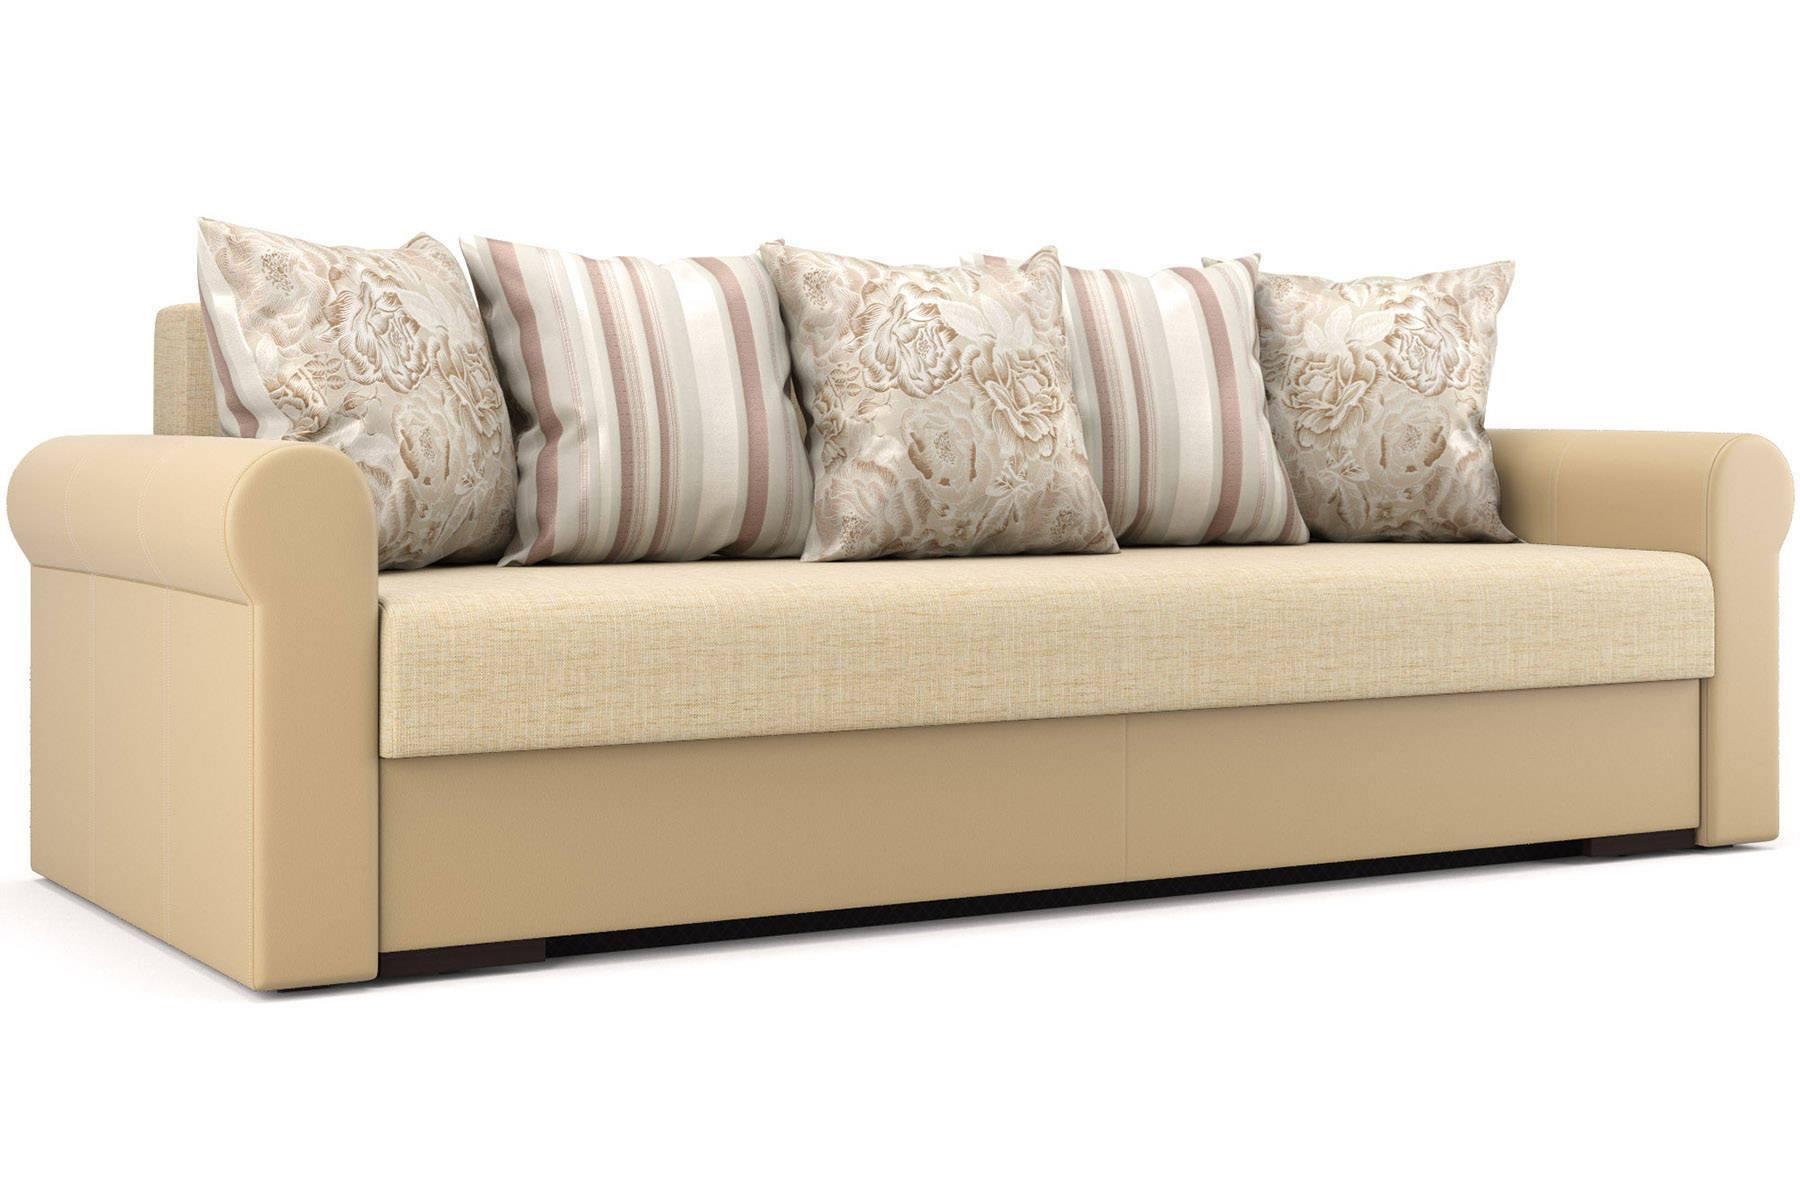 диван в гостиную купить в нижнем новгороде